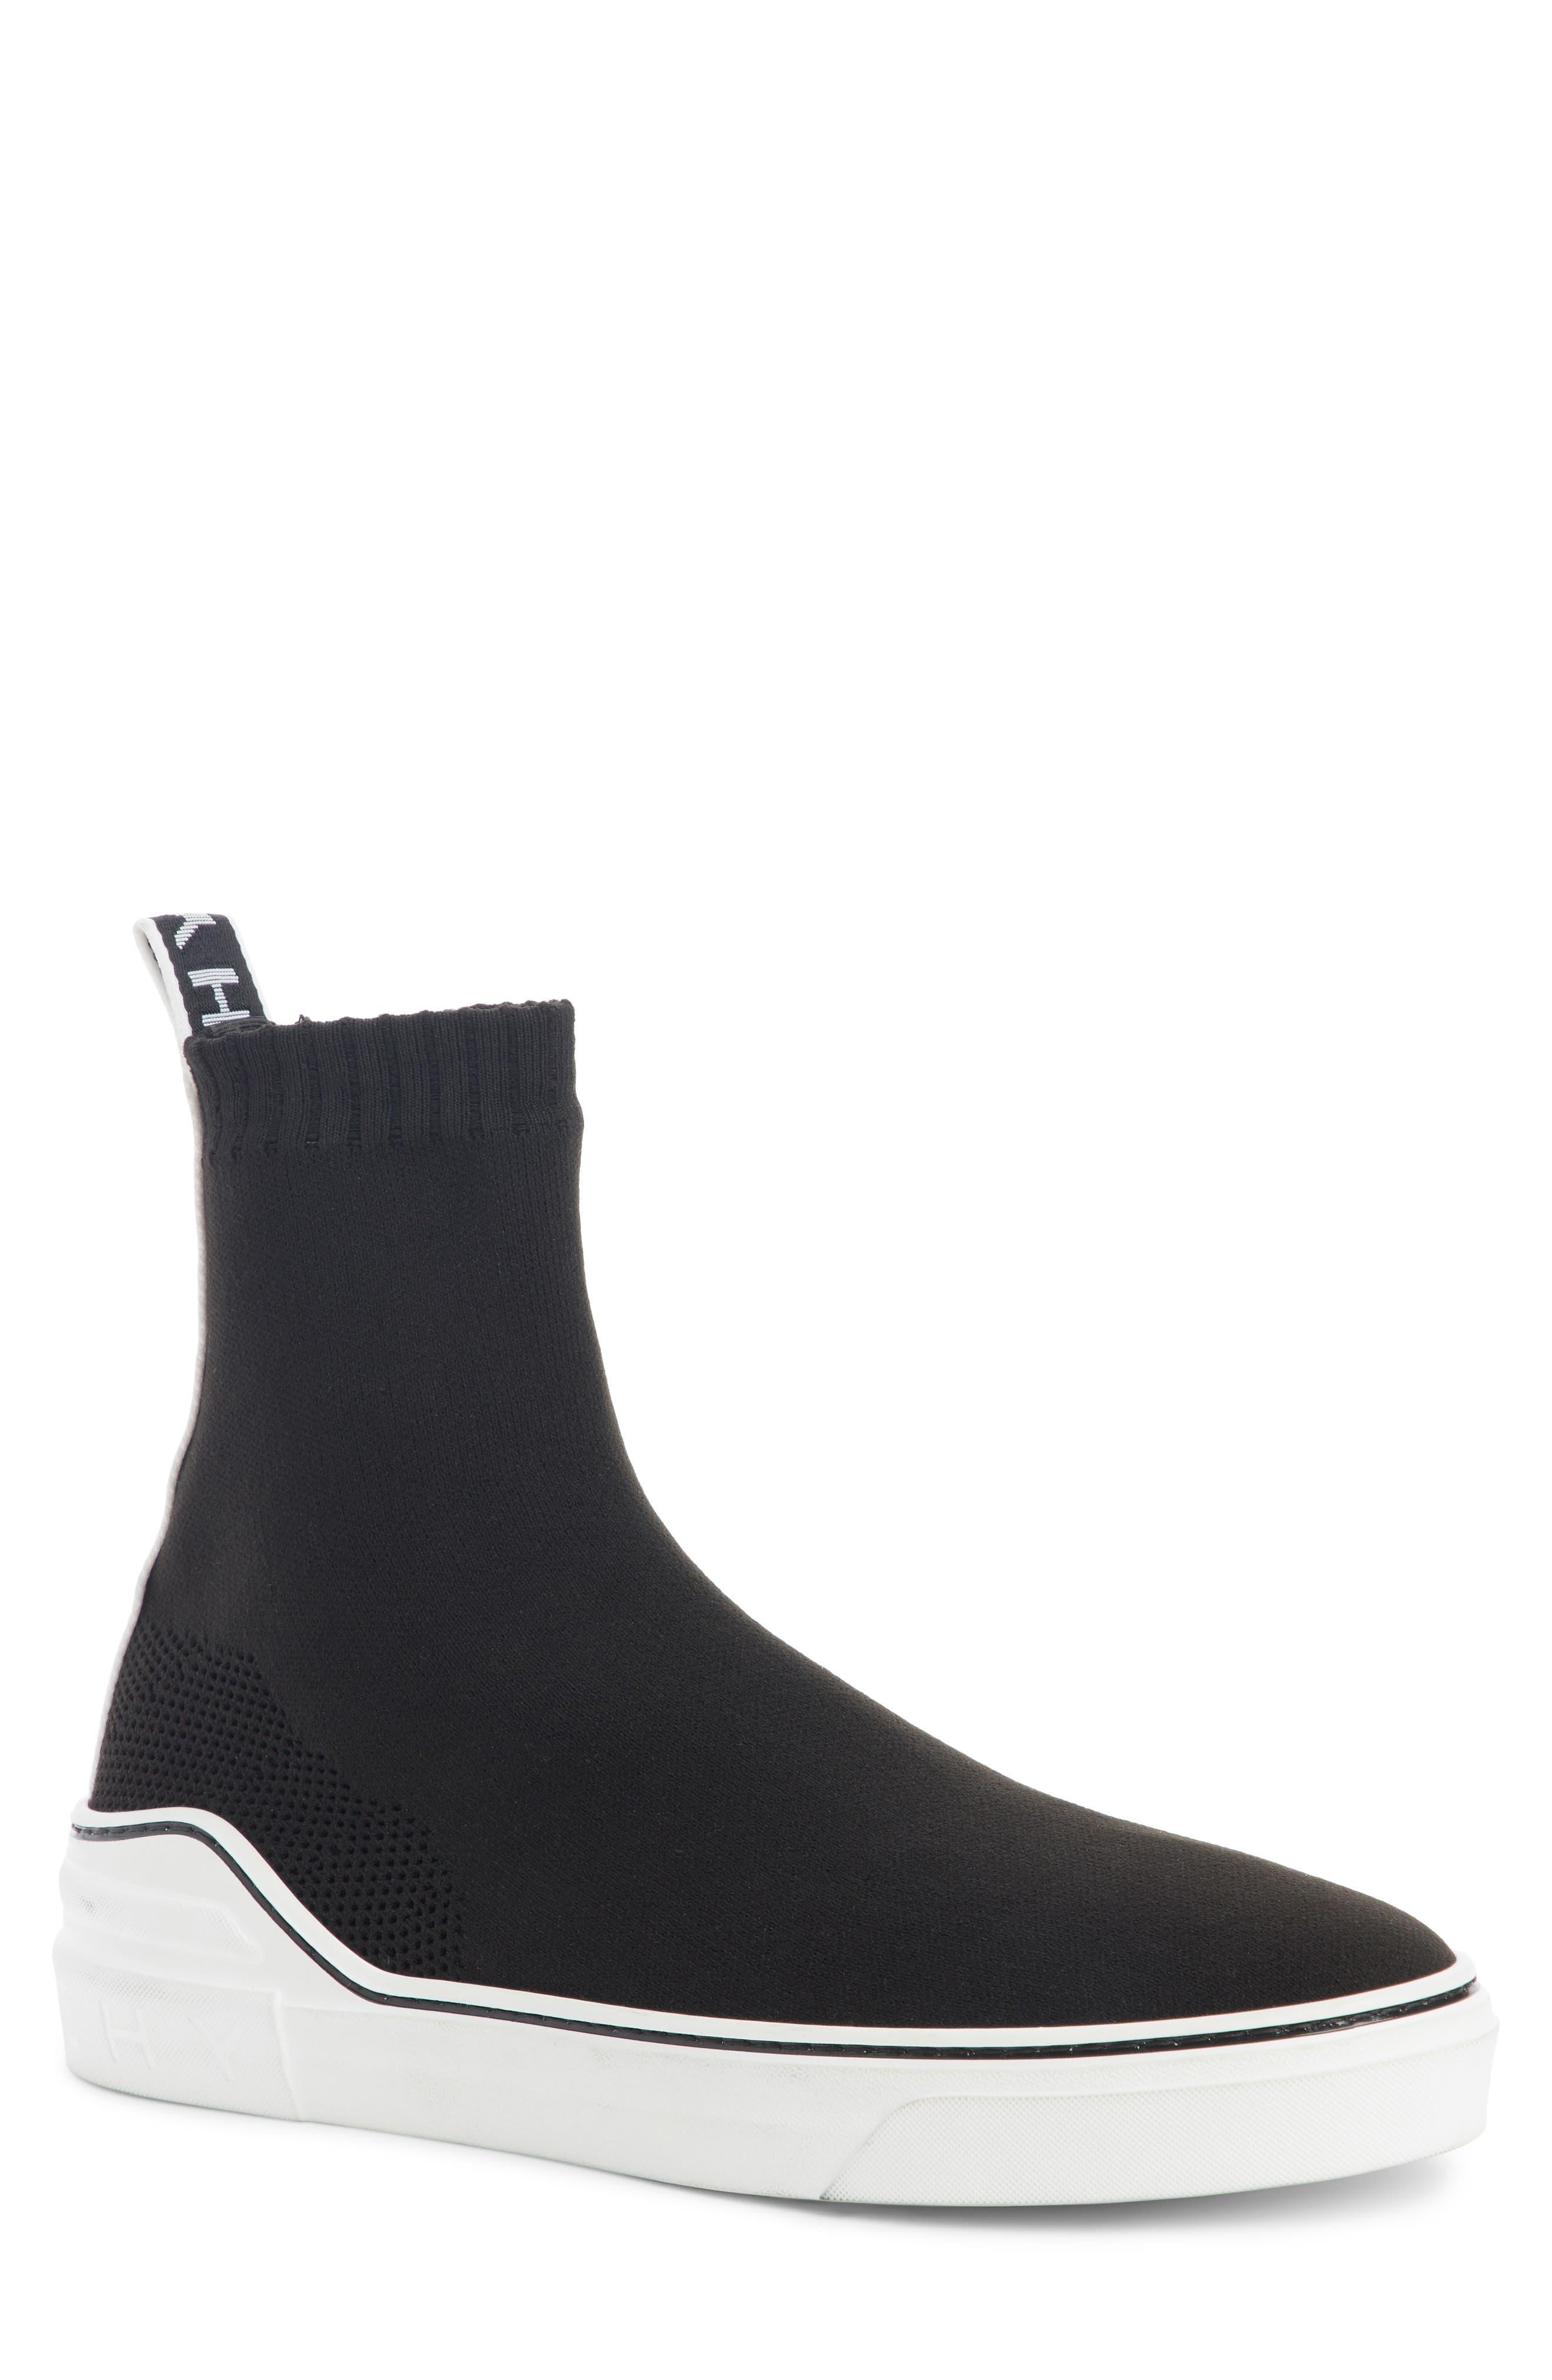 Alternate Image 1 Selected - Givenchy George V Hi Sock Sneaker (Men)